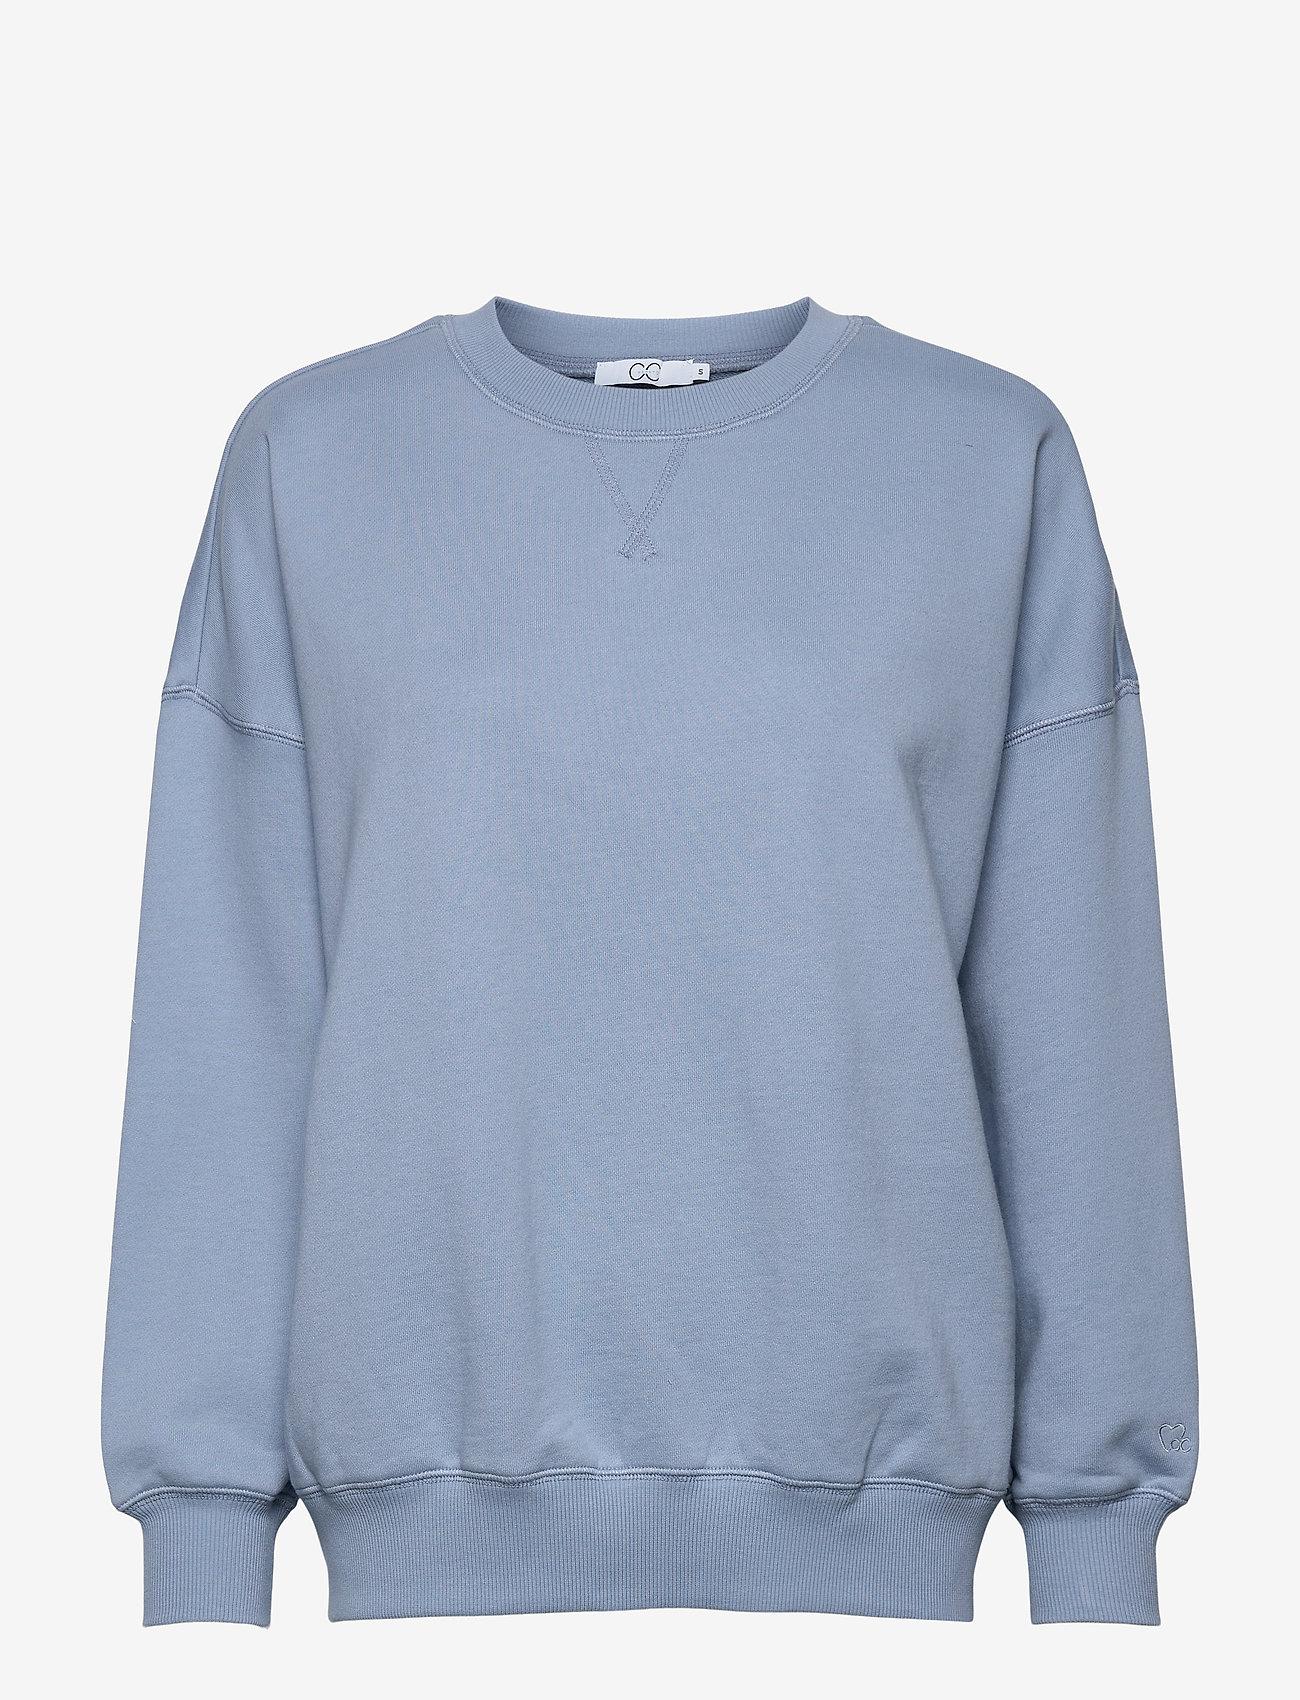 Coster Copenhagen - CC Heart oversize sweatshirt - Orga - sweatshirts & hættetrøjer - dusty blue - 0